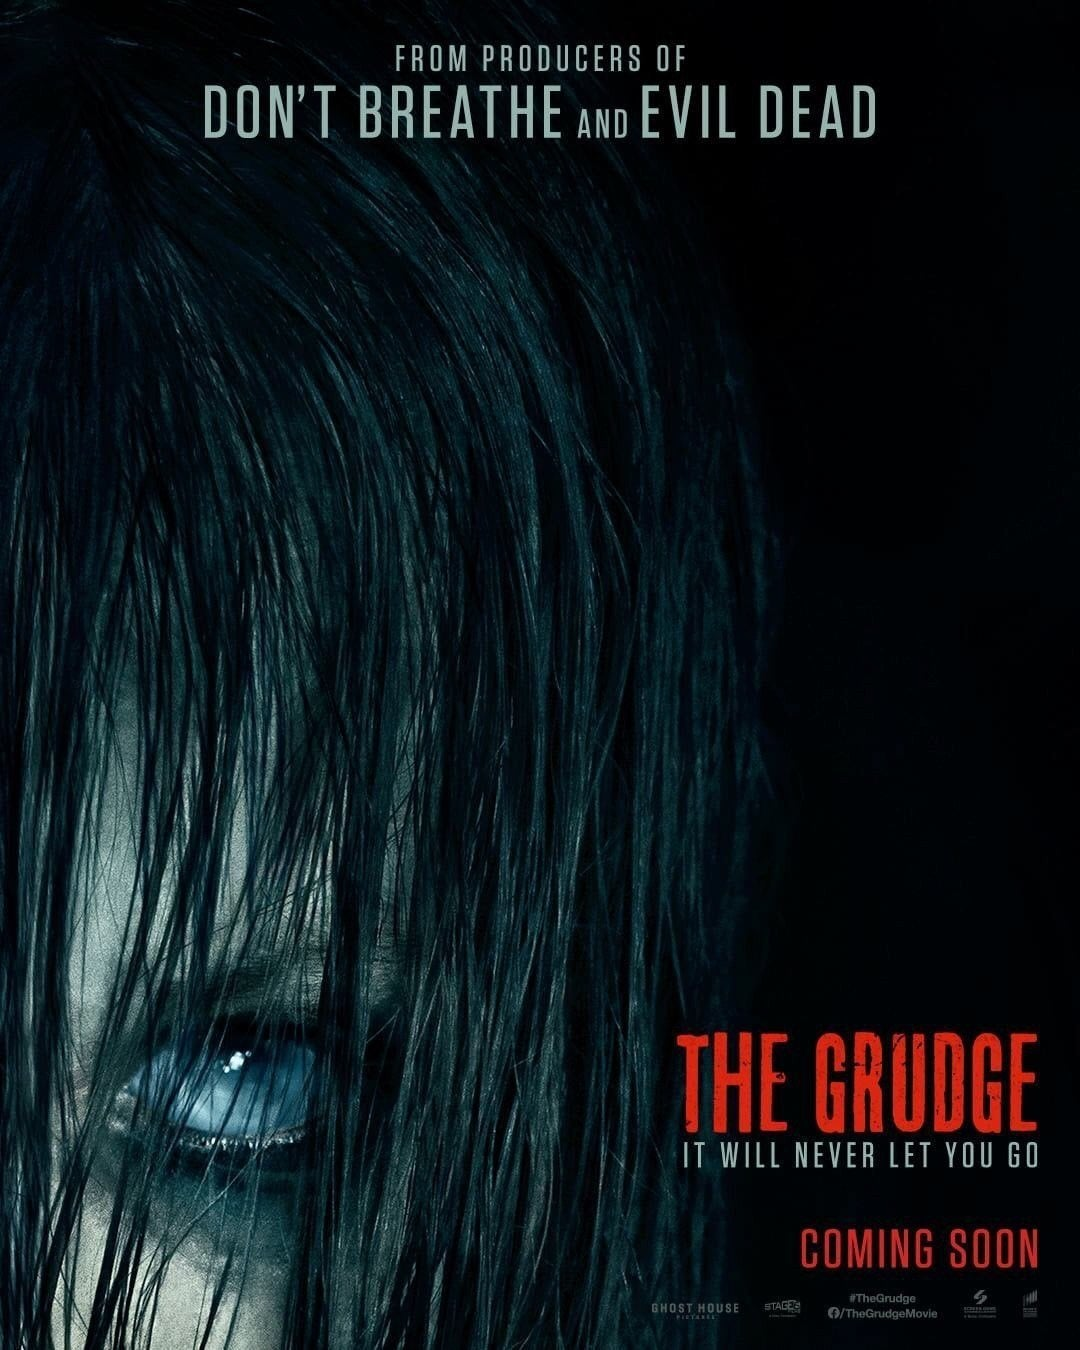 the grudge poster 2020 kayako